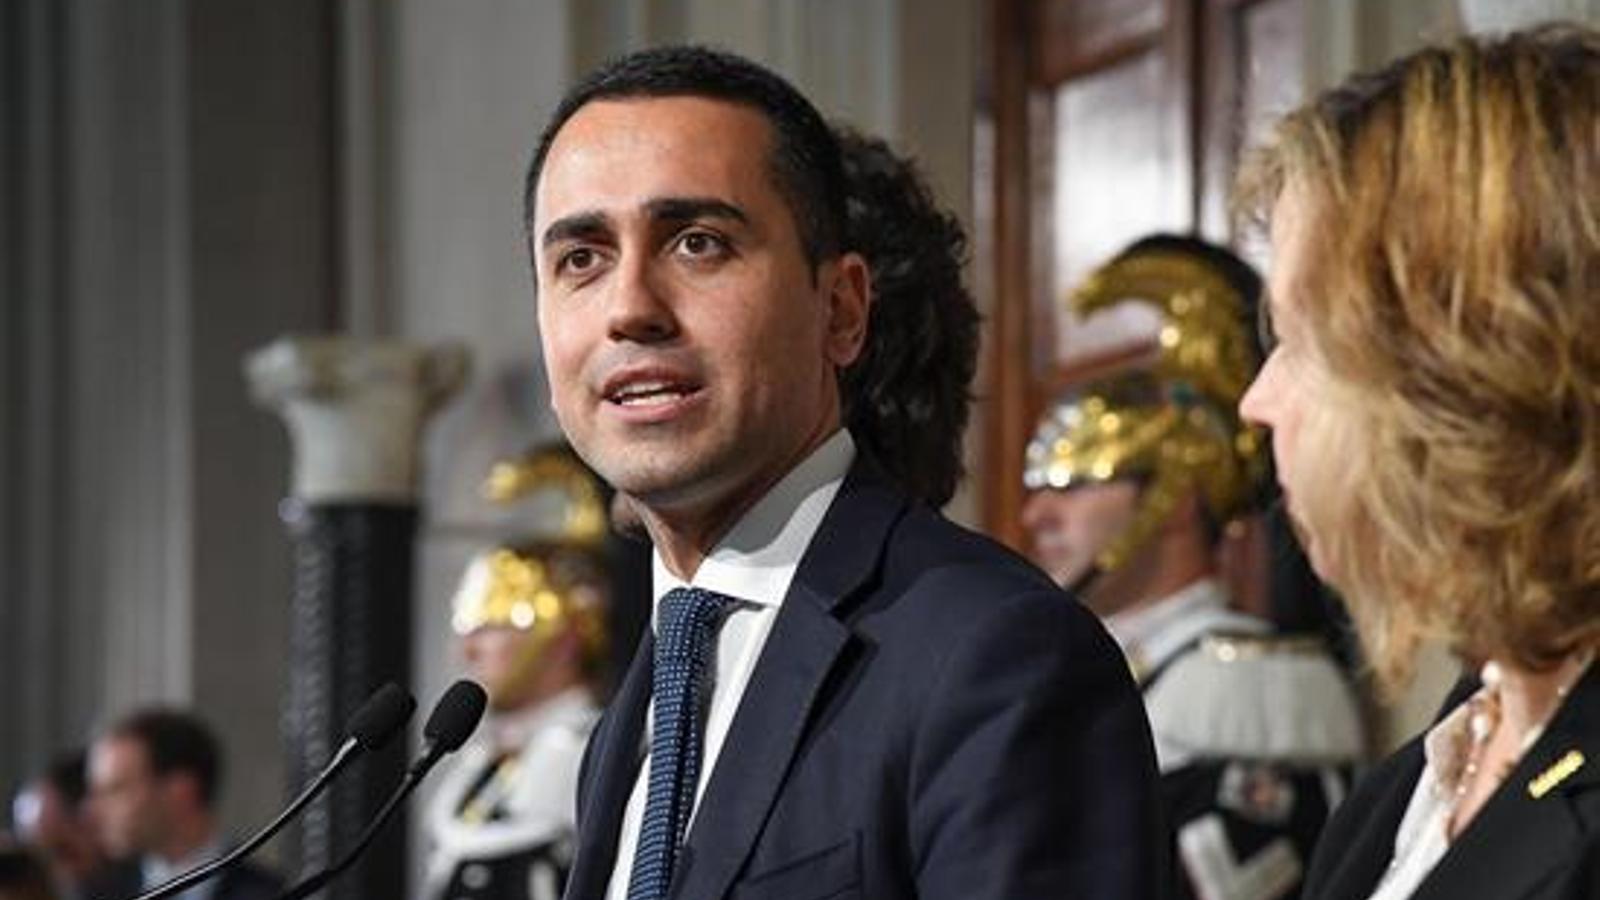 Di Maio compareixent davant de la premsa al palau del Quirinal, seu de la presidència italiana, a mitjan d'abril